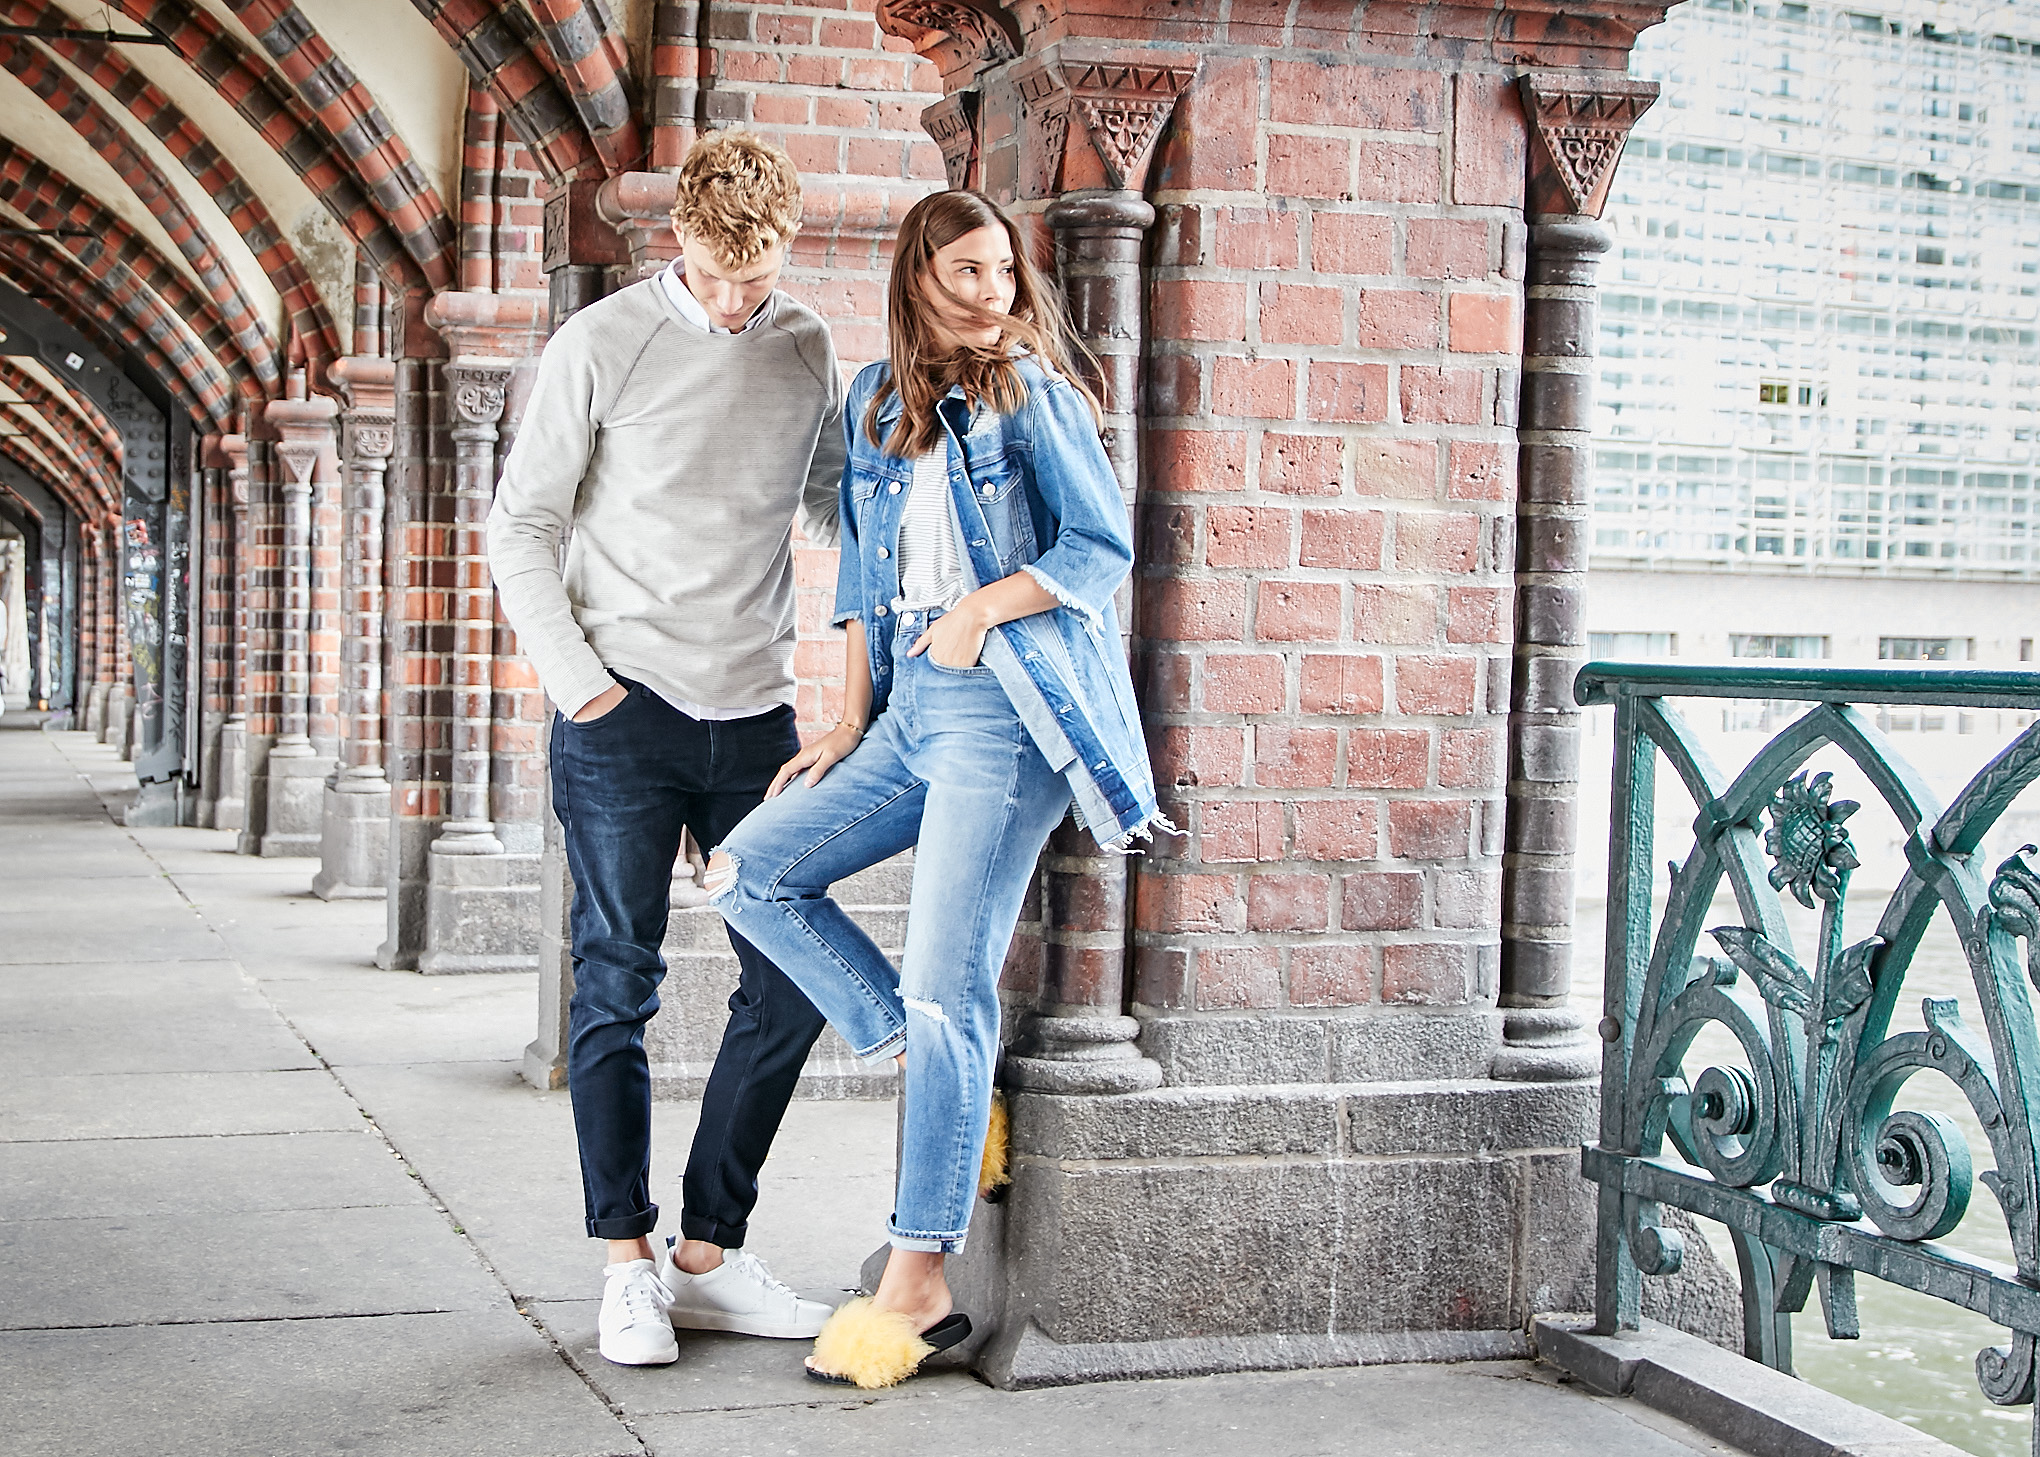 Mavi mit Fashiioncarpet und Patkahlo in schickem weißen Hemd, einem leichten beigen Sweater, einer dunkelblauen Straight Leg Jeans, einem gestreiften T-Shirt und einer hellen Mom Jeans mit Knee cuts